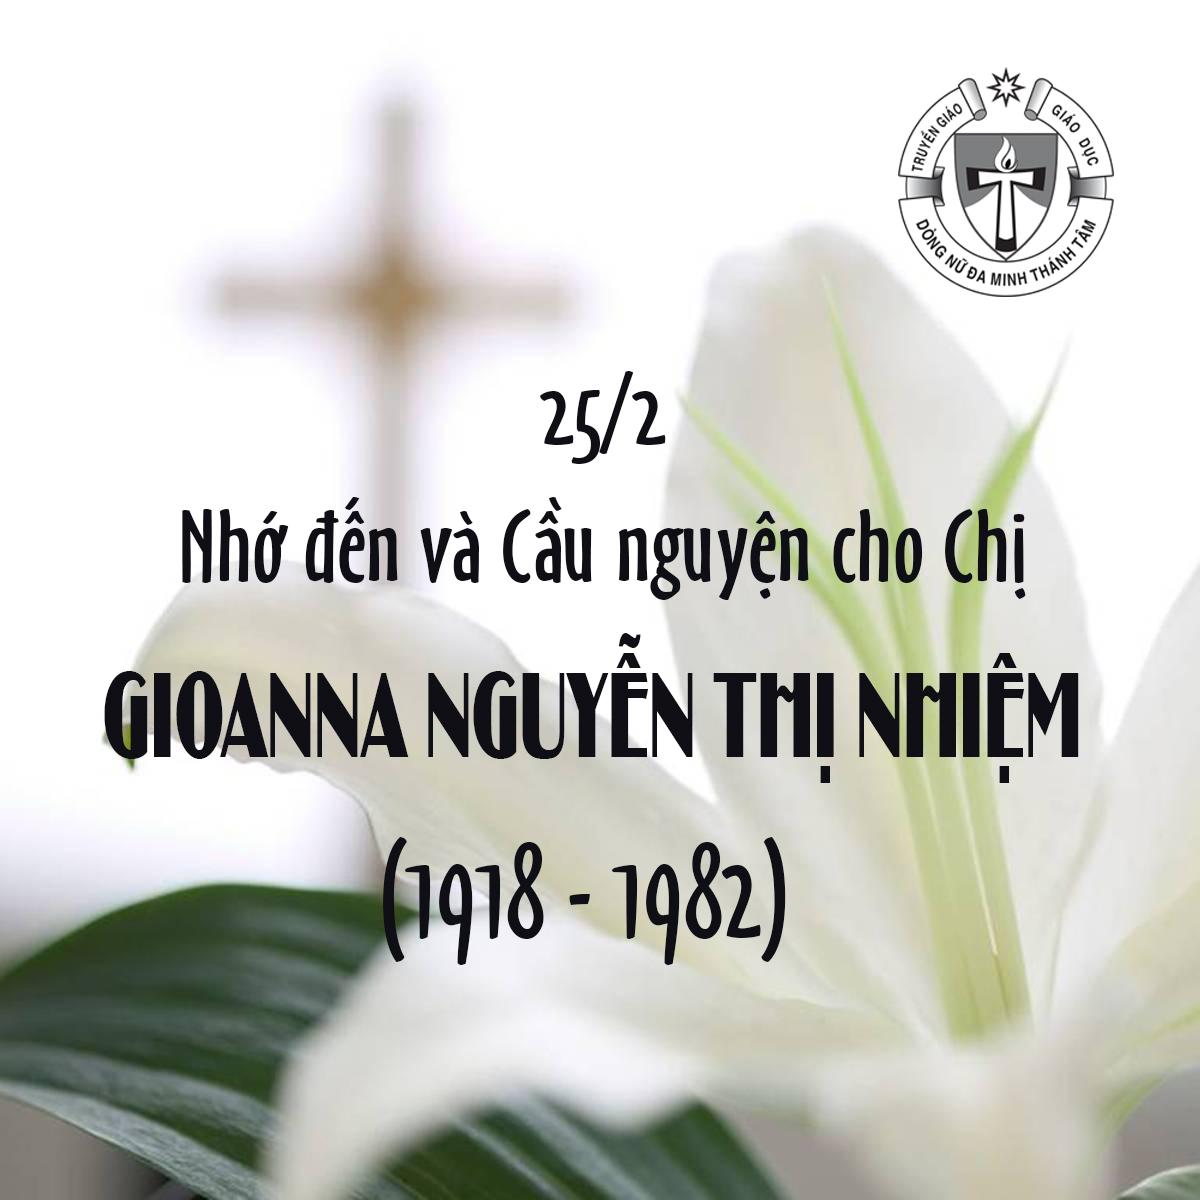 GIỖ CHỊ GIOANNA NGUYỄN THỊ NHIỆM (1918 - 1982)